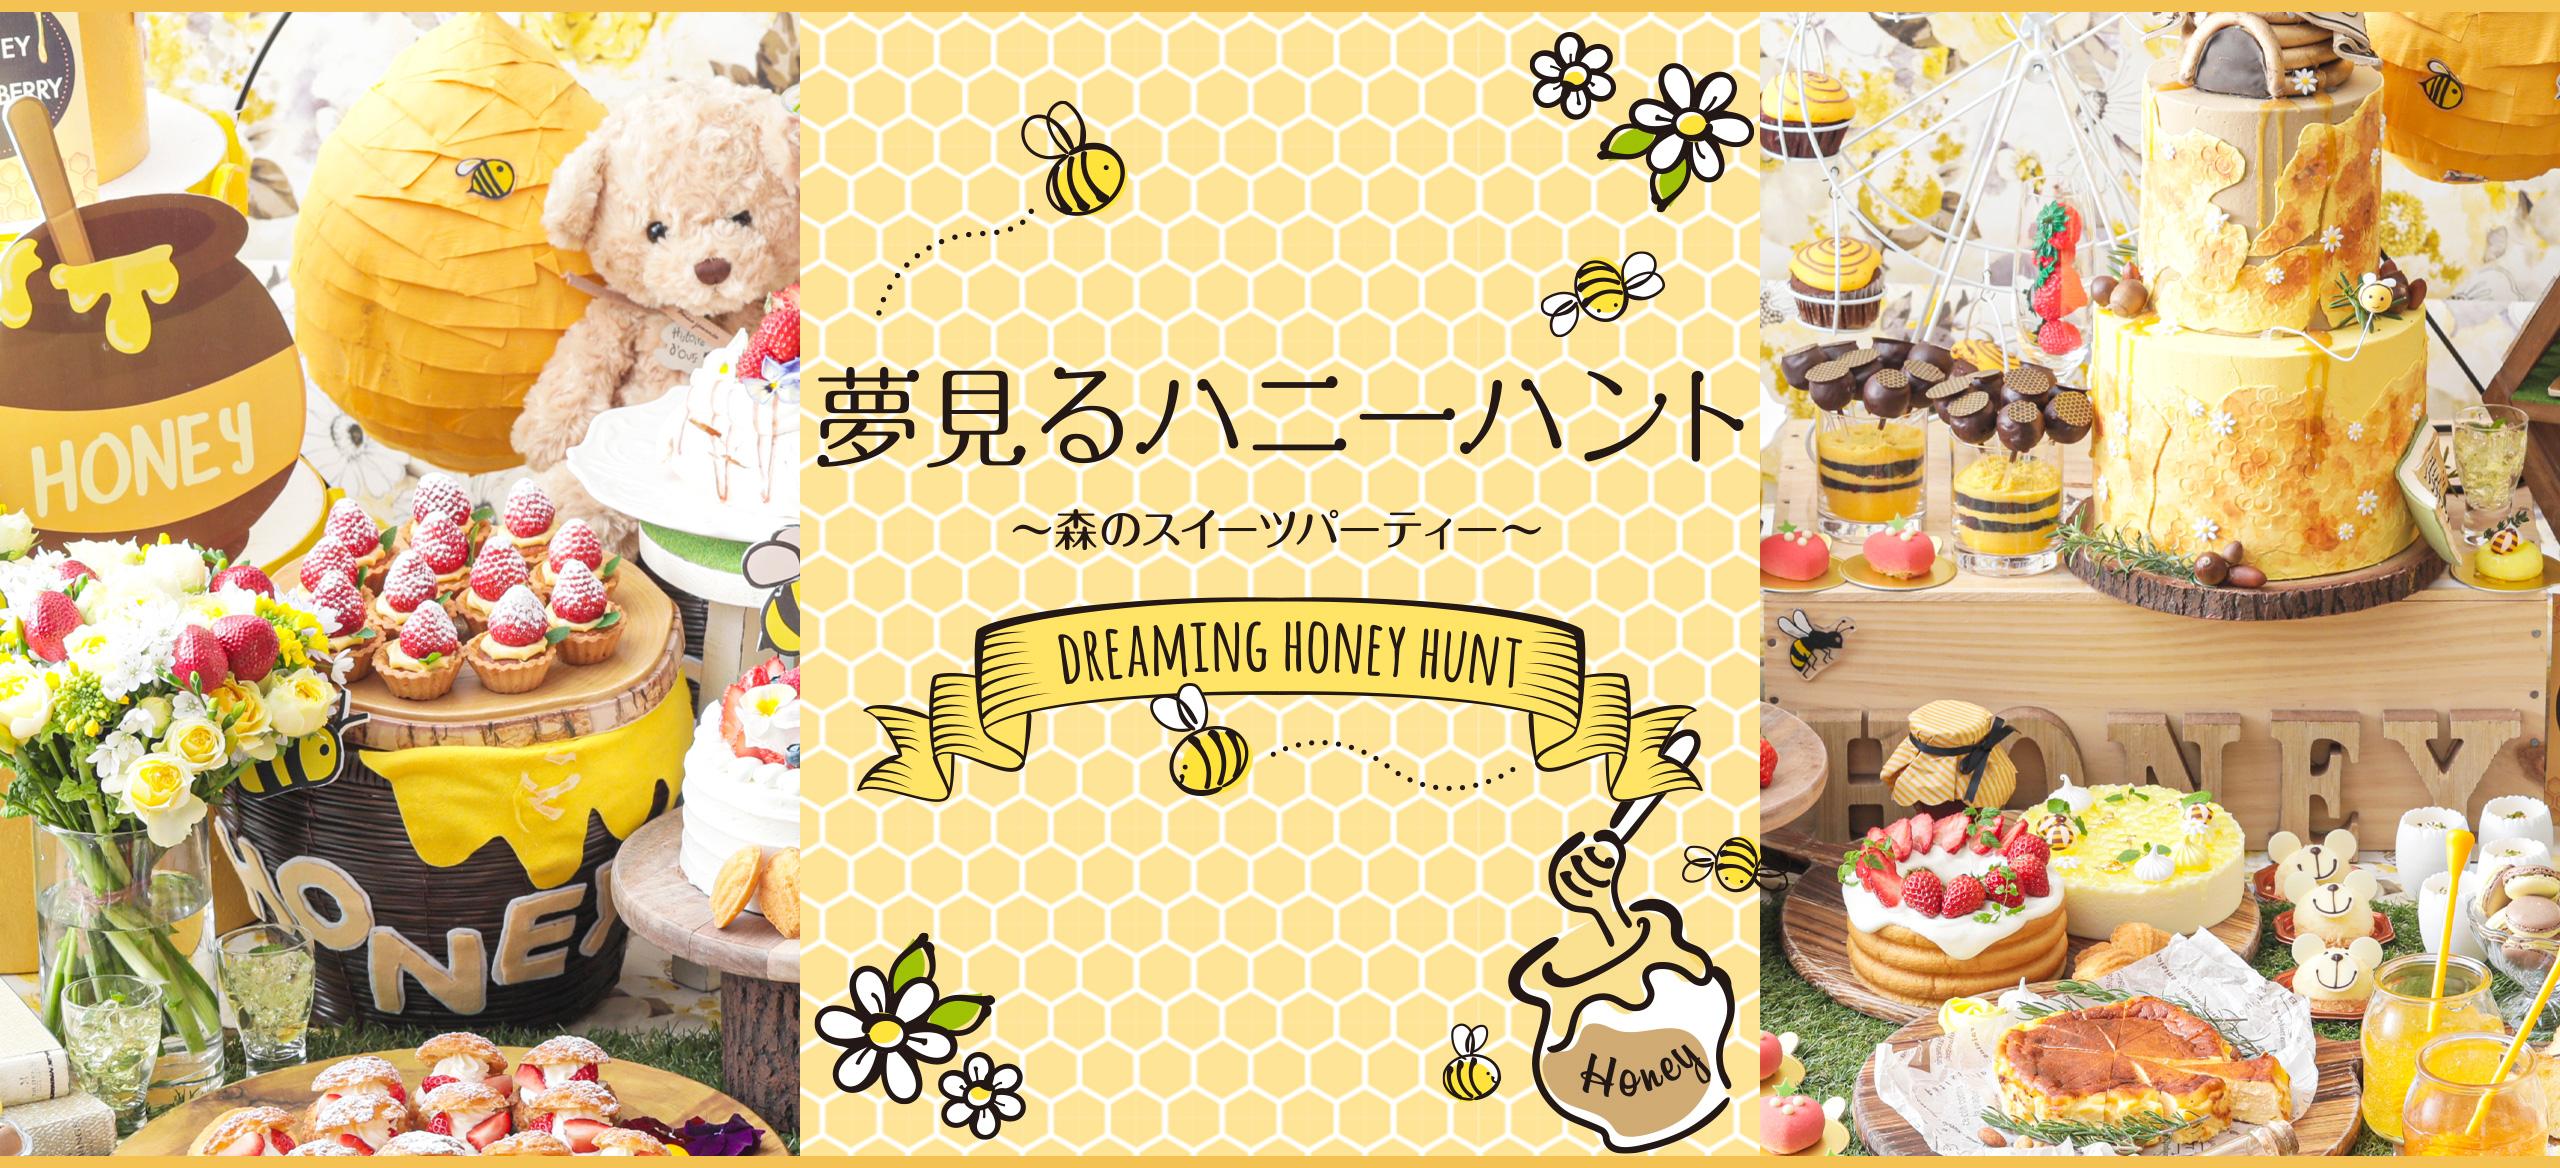 夢見るハニーハント 〜森のスイーツパーティー〜 | アートグレイス ウエディングコースト 東京ベイ